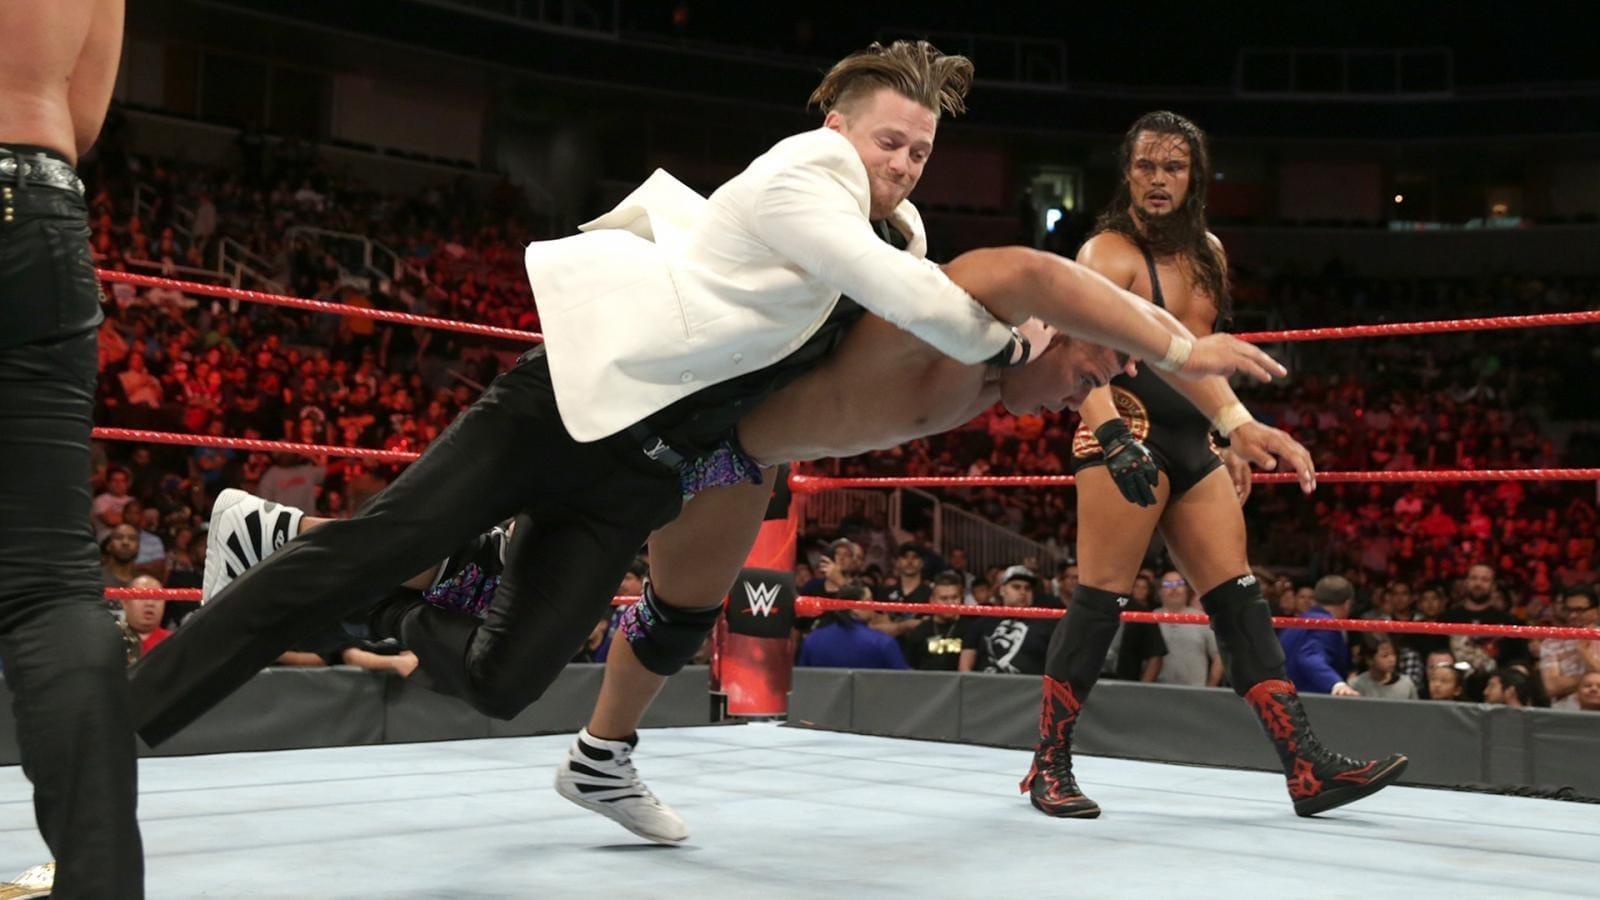 WWE Raw - Season 25 Episode 38 : September 18, 2017 (San Jose, CA)